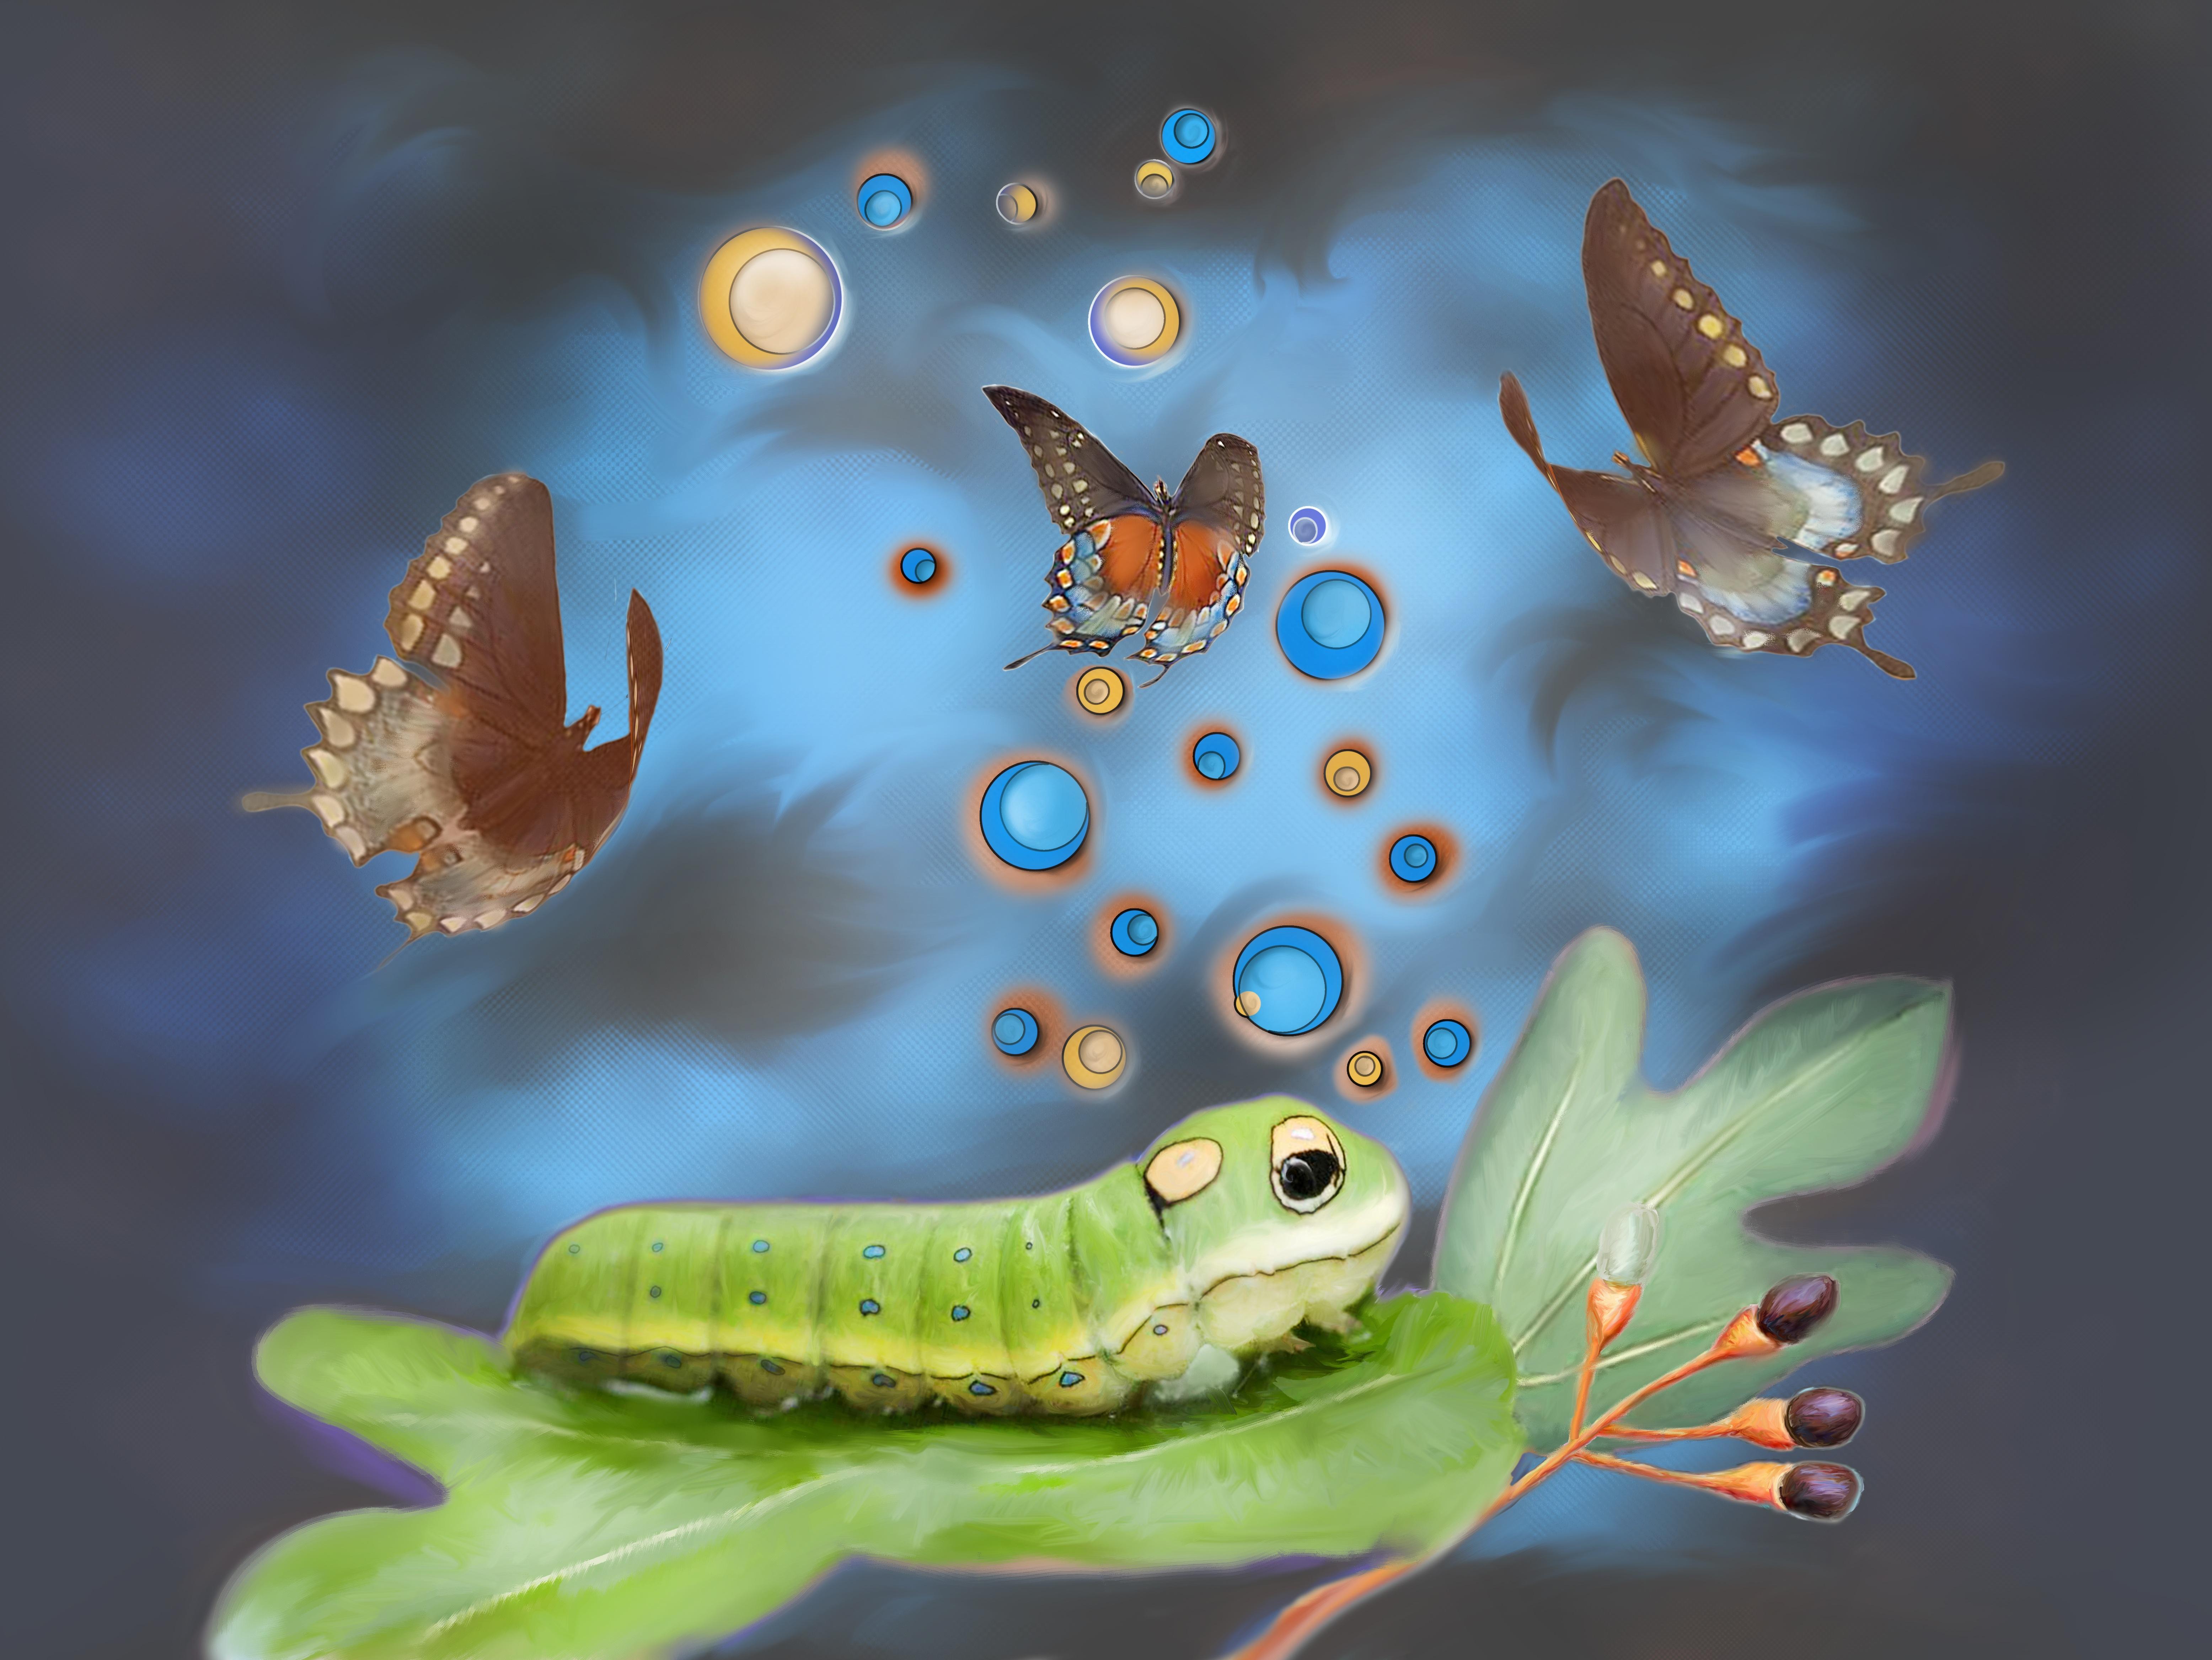 Fotoğraf Hayvan Böcek Biyoloji Güve Kelebek Fauna Omurgasız